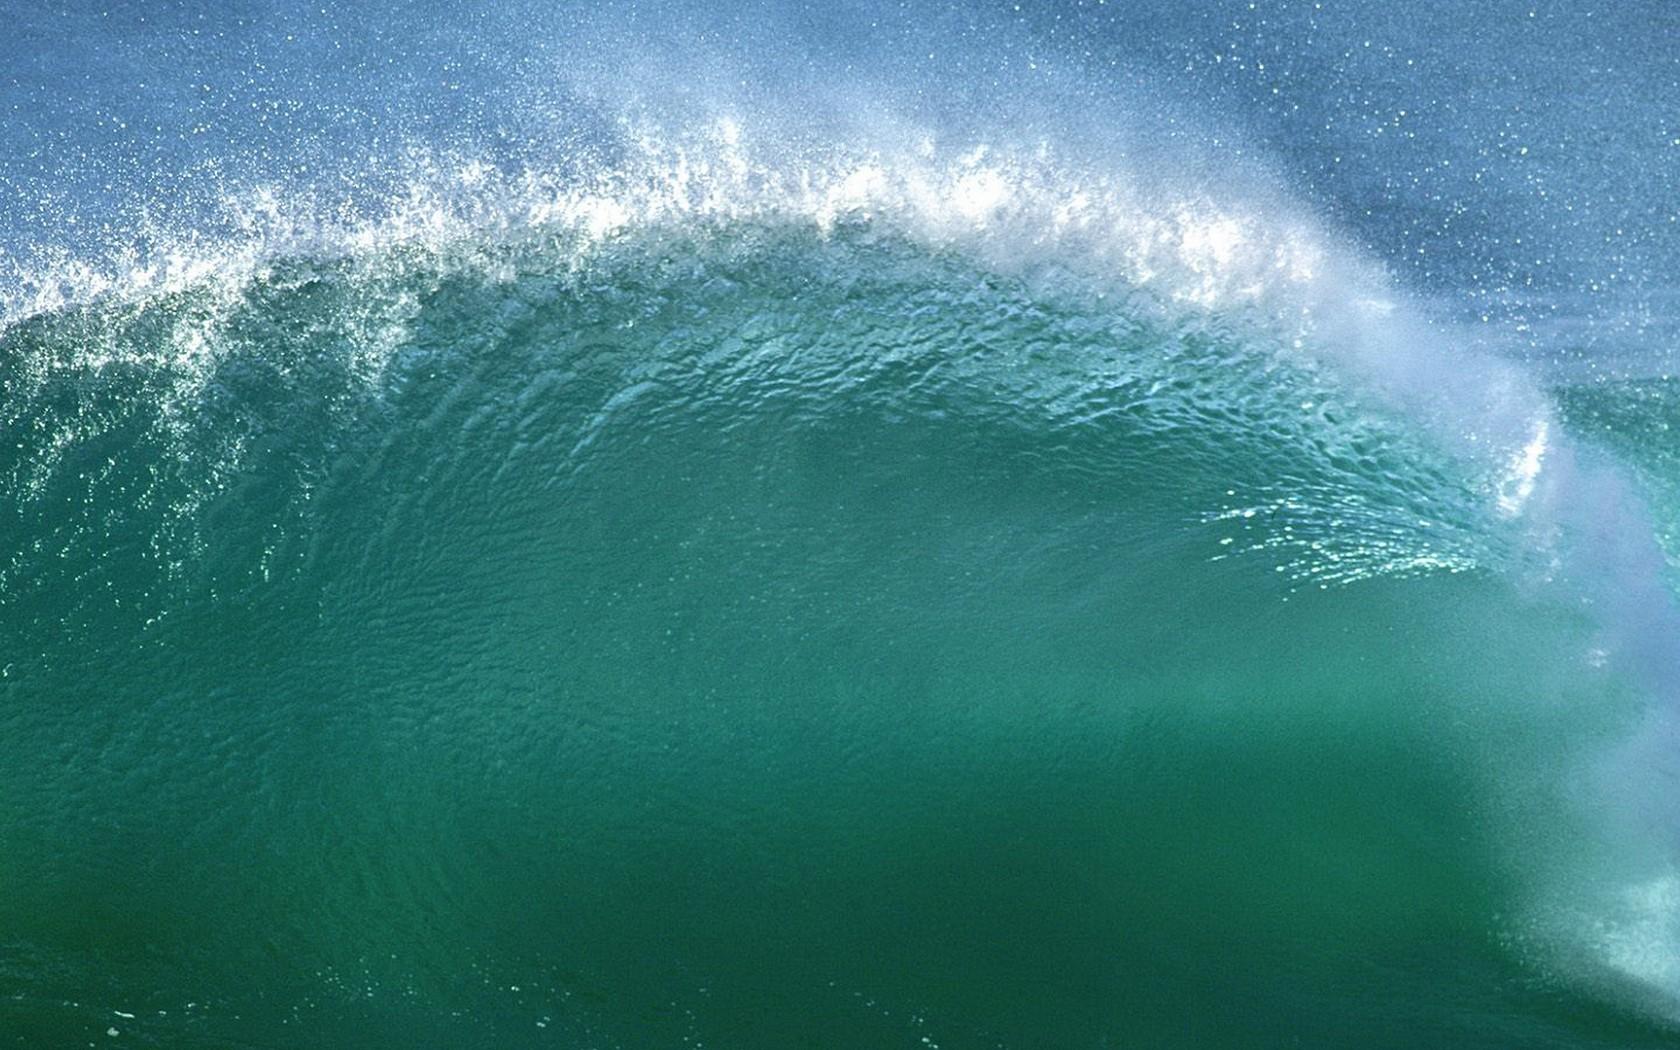 Sfondi Luce Del Sole Mare Acqua Onde Subacqueo Os X Mac Os X